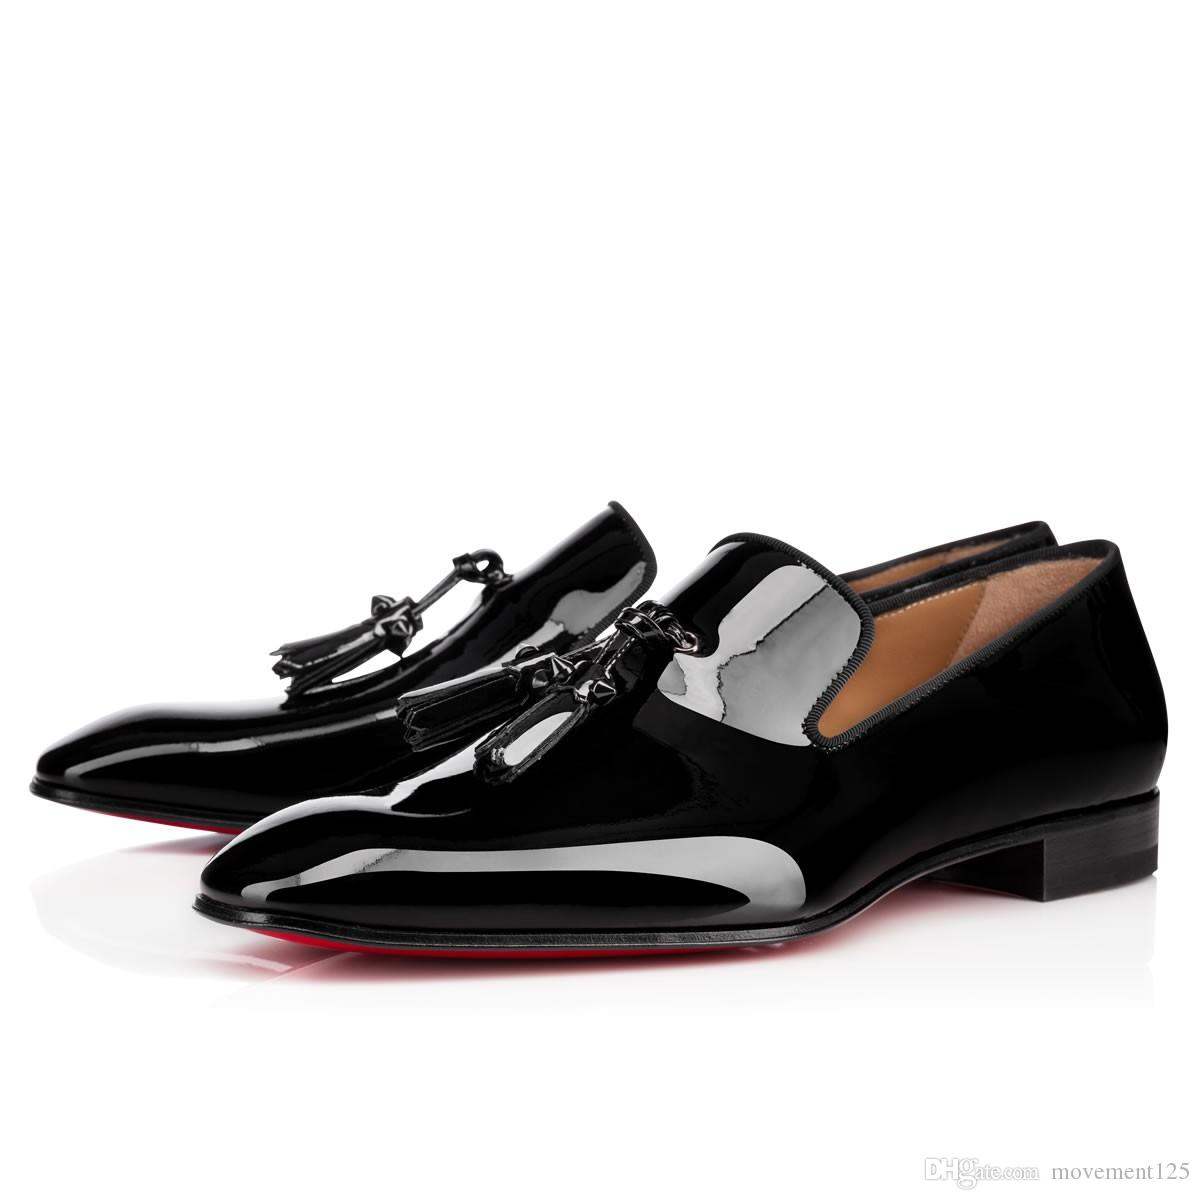 زلة الحزب الجديد فستان الزفاف في أحذية بدون كعب للأحذية الرجل الهندباء الشرابة حذاء رياضة أحمر أسفل أكسفورد أحذية الرجال الفاخرة والترفيه شقة